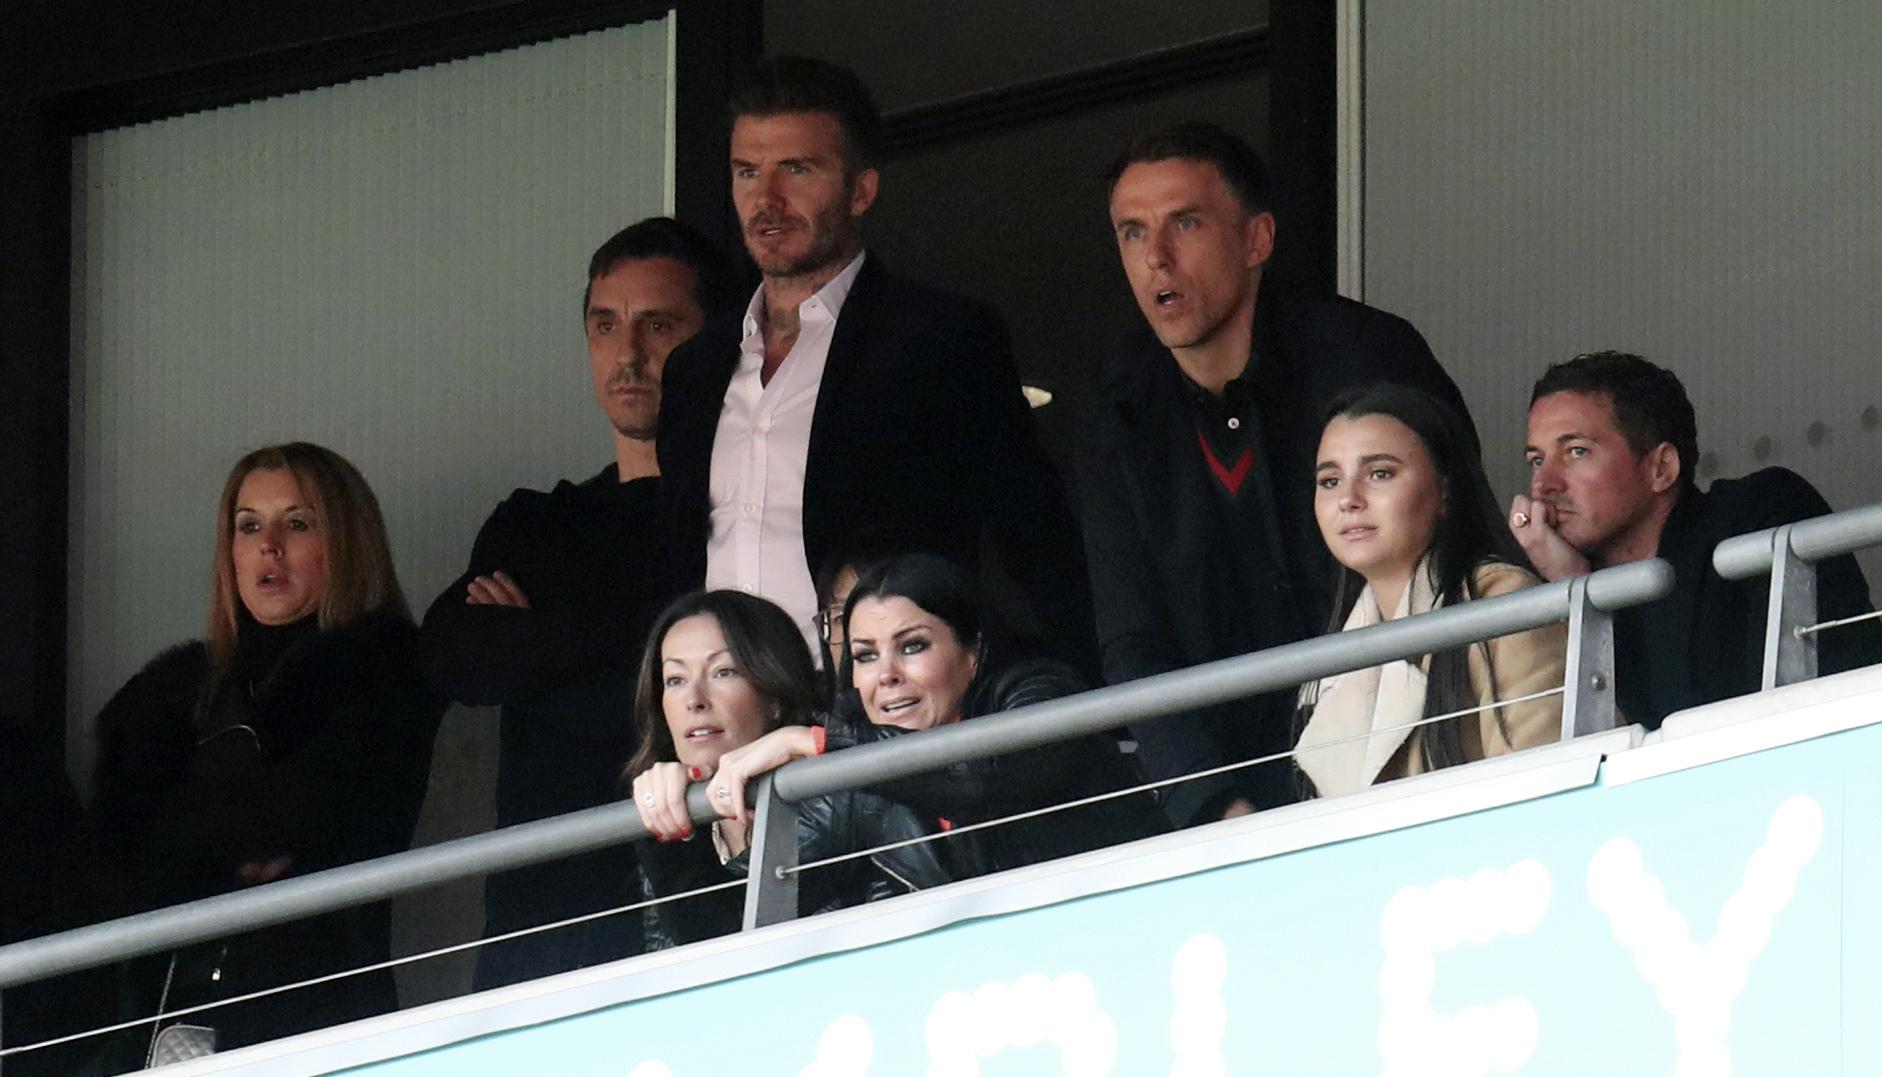 碧咸(後排右二)跟加利尼維利(後排左二)和菲臘尼維利(後排右)現場為沙福特打氣。AP